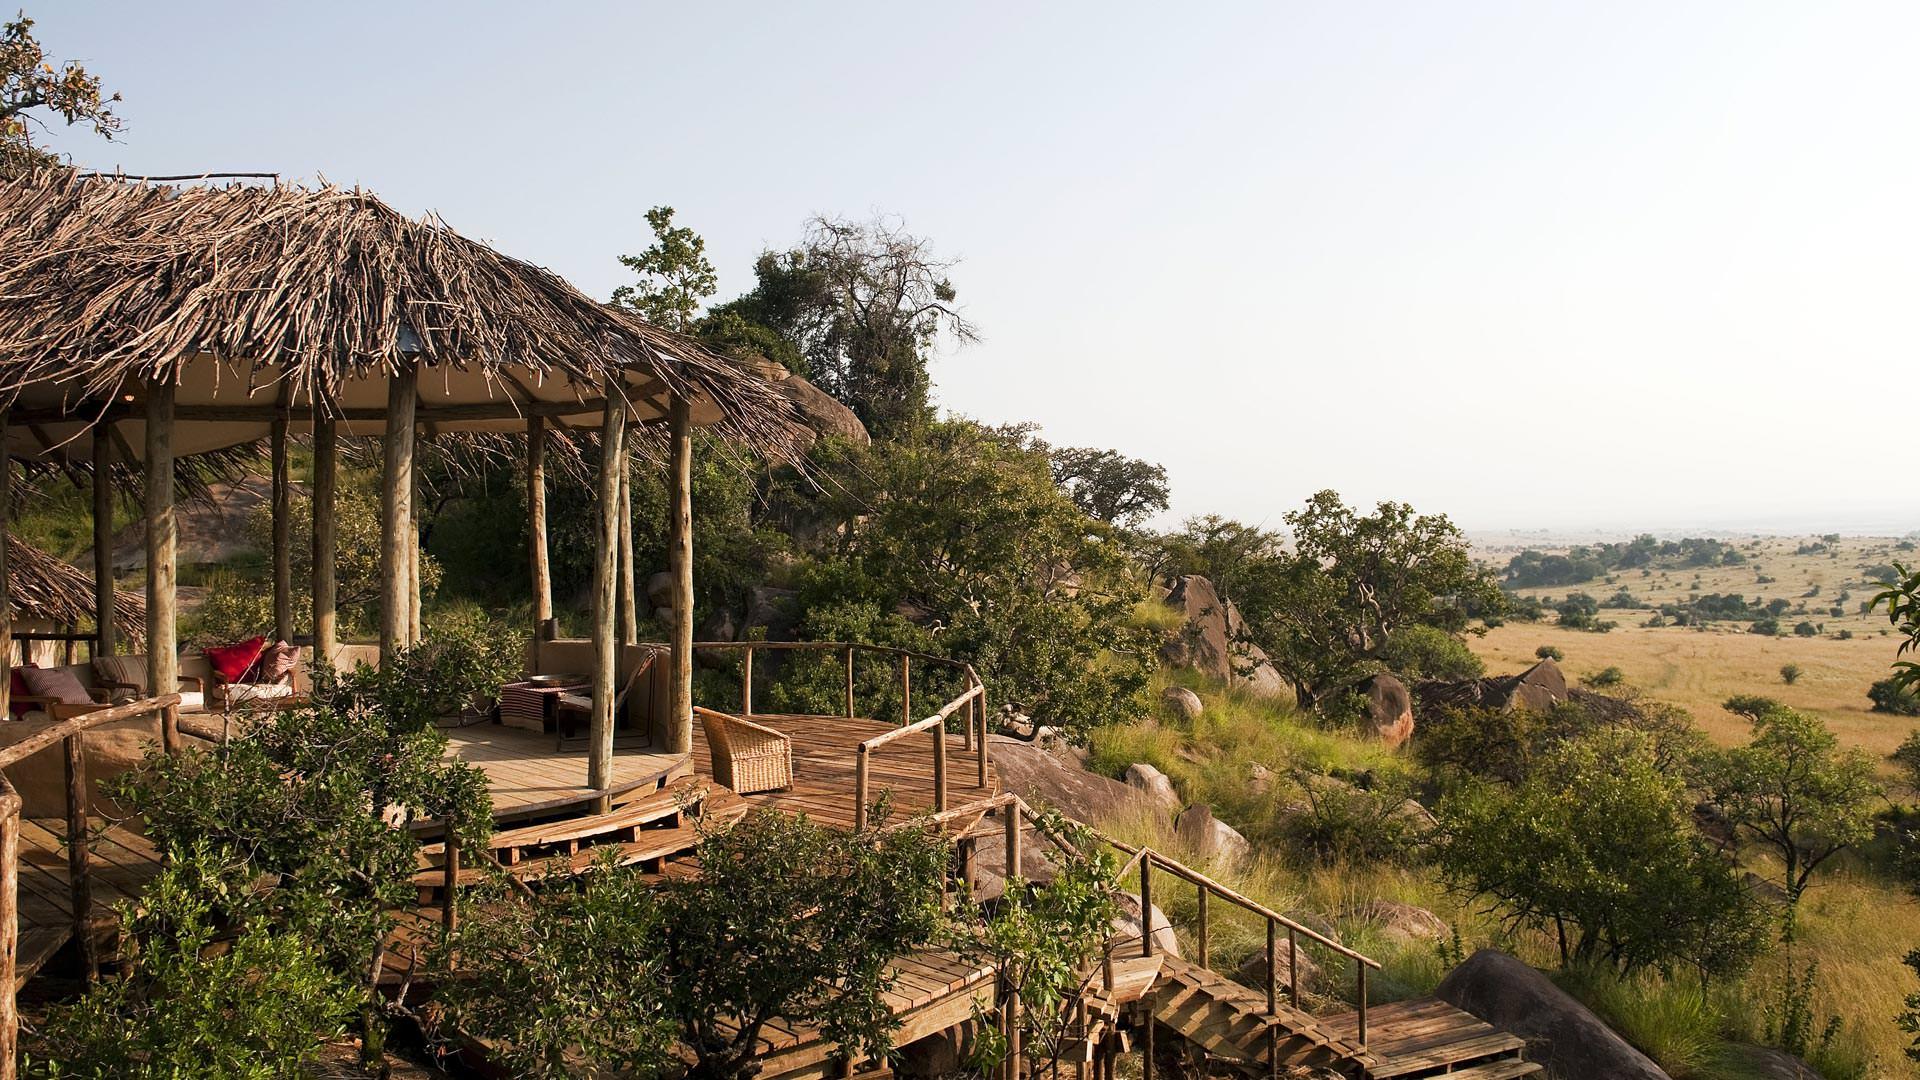 Lamai camp